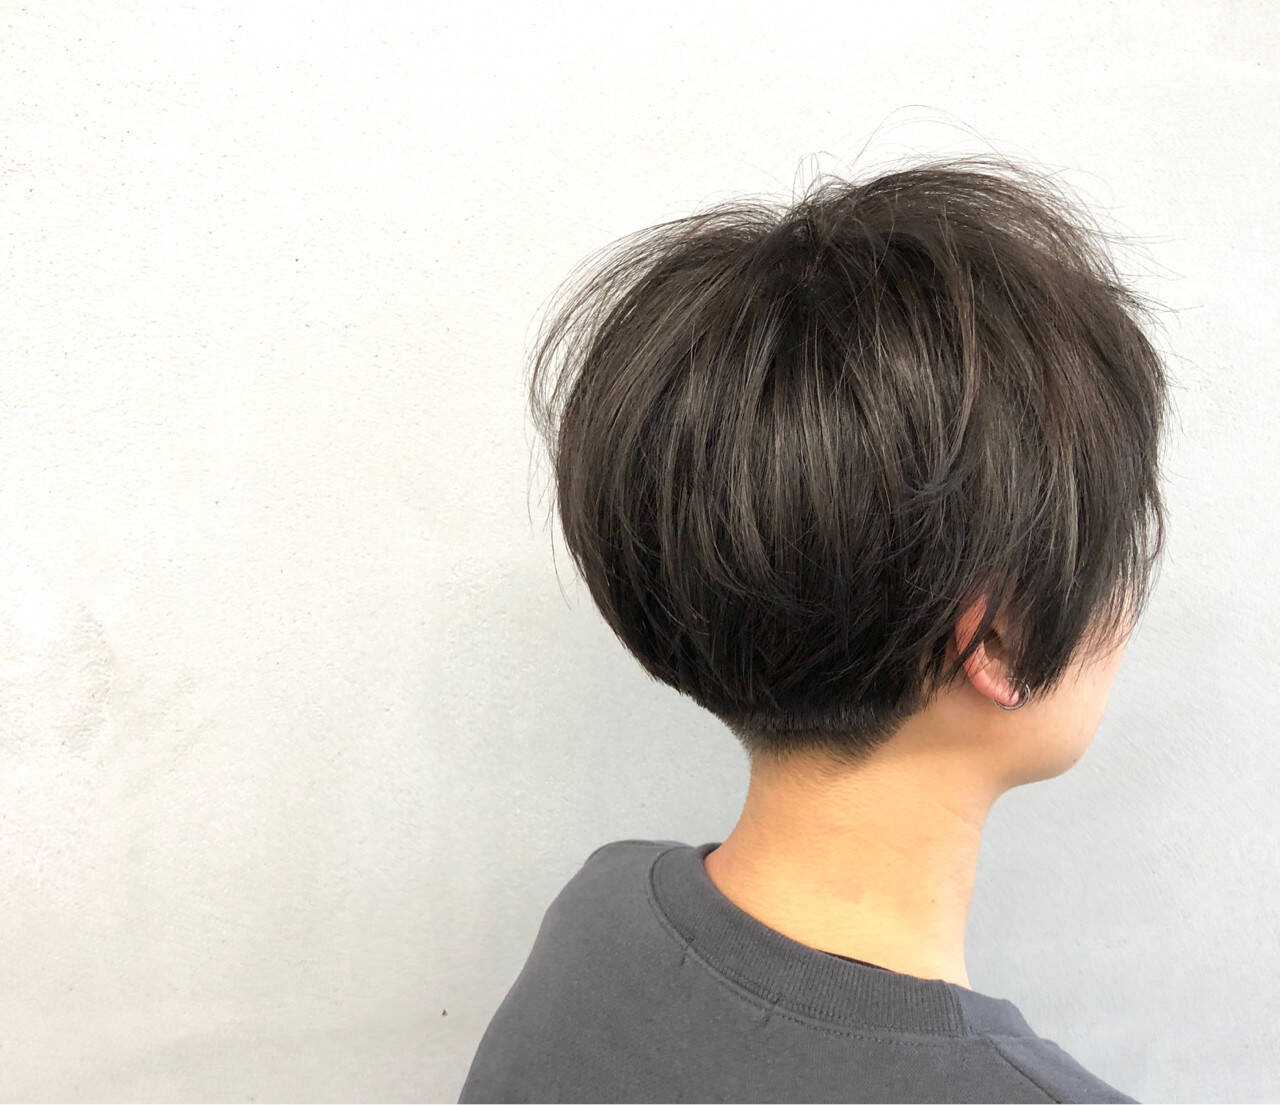 マッシュ 刈り上げ レイヤーカット ナチュラルヘアスタイルや髪型の写真・画像